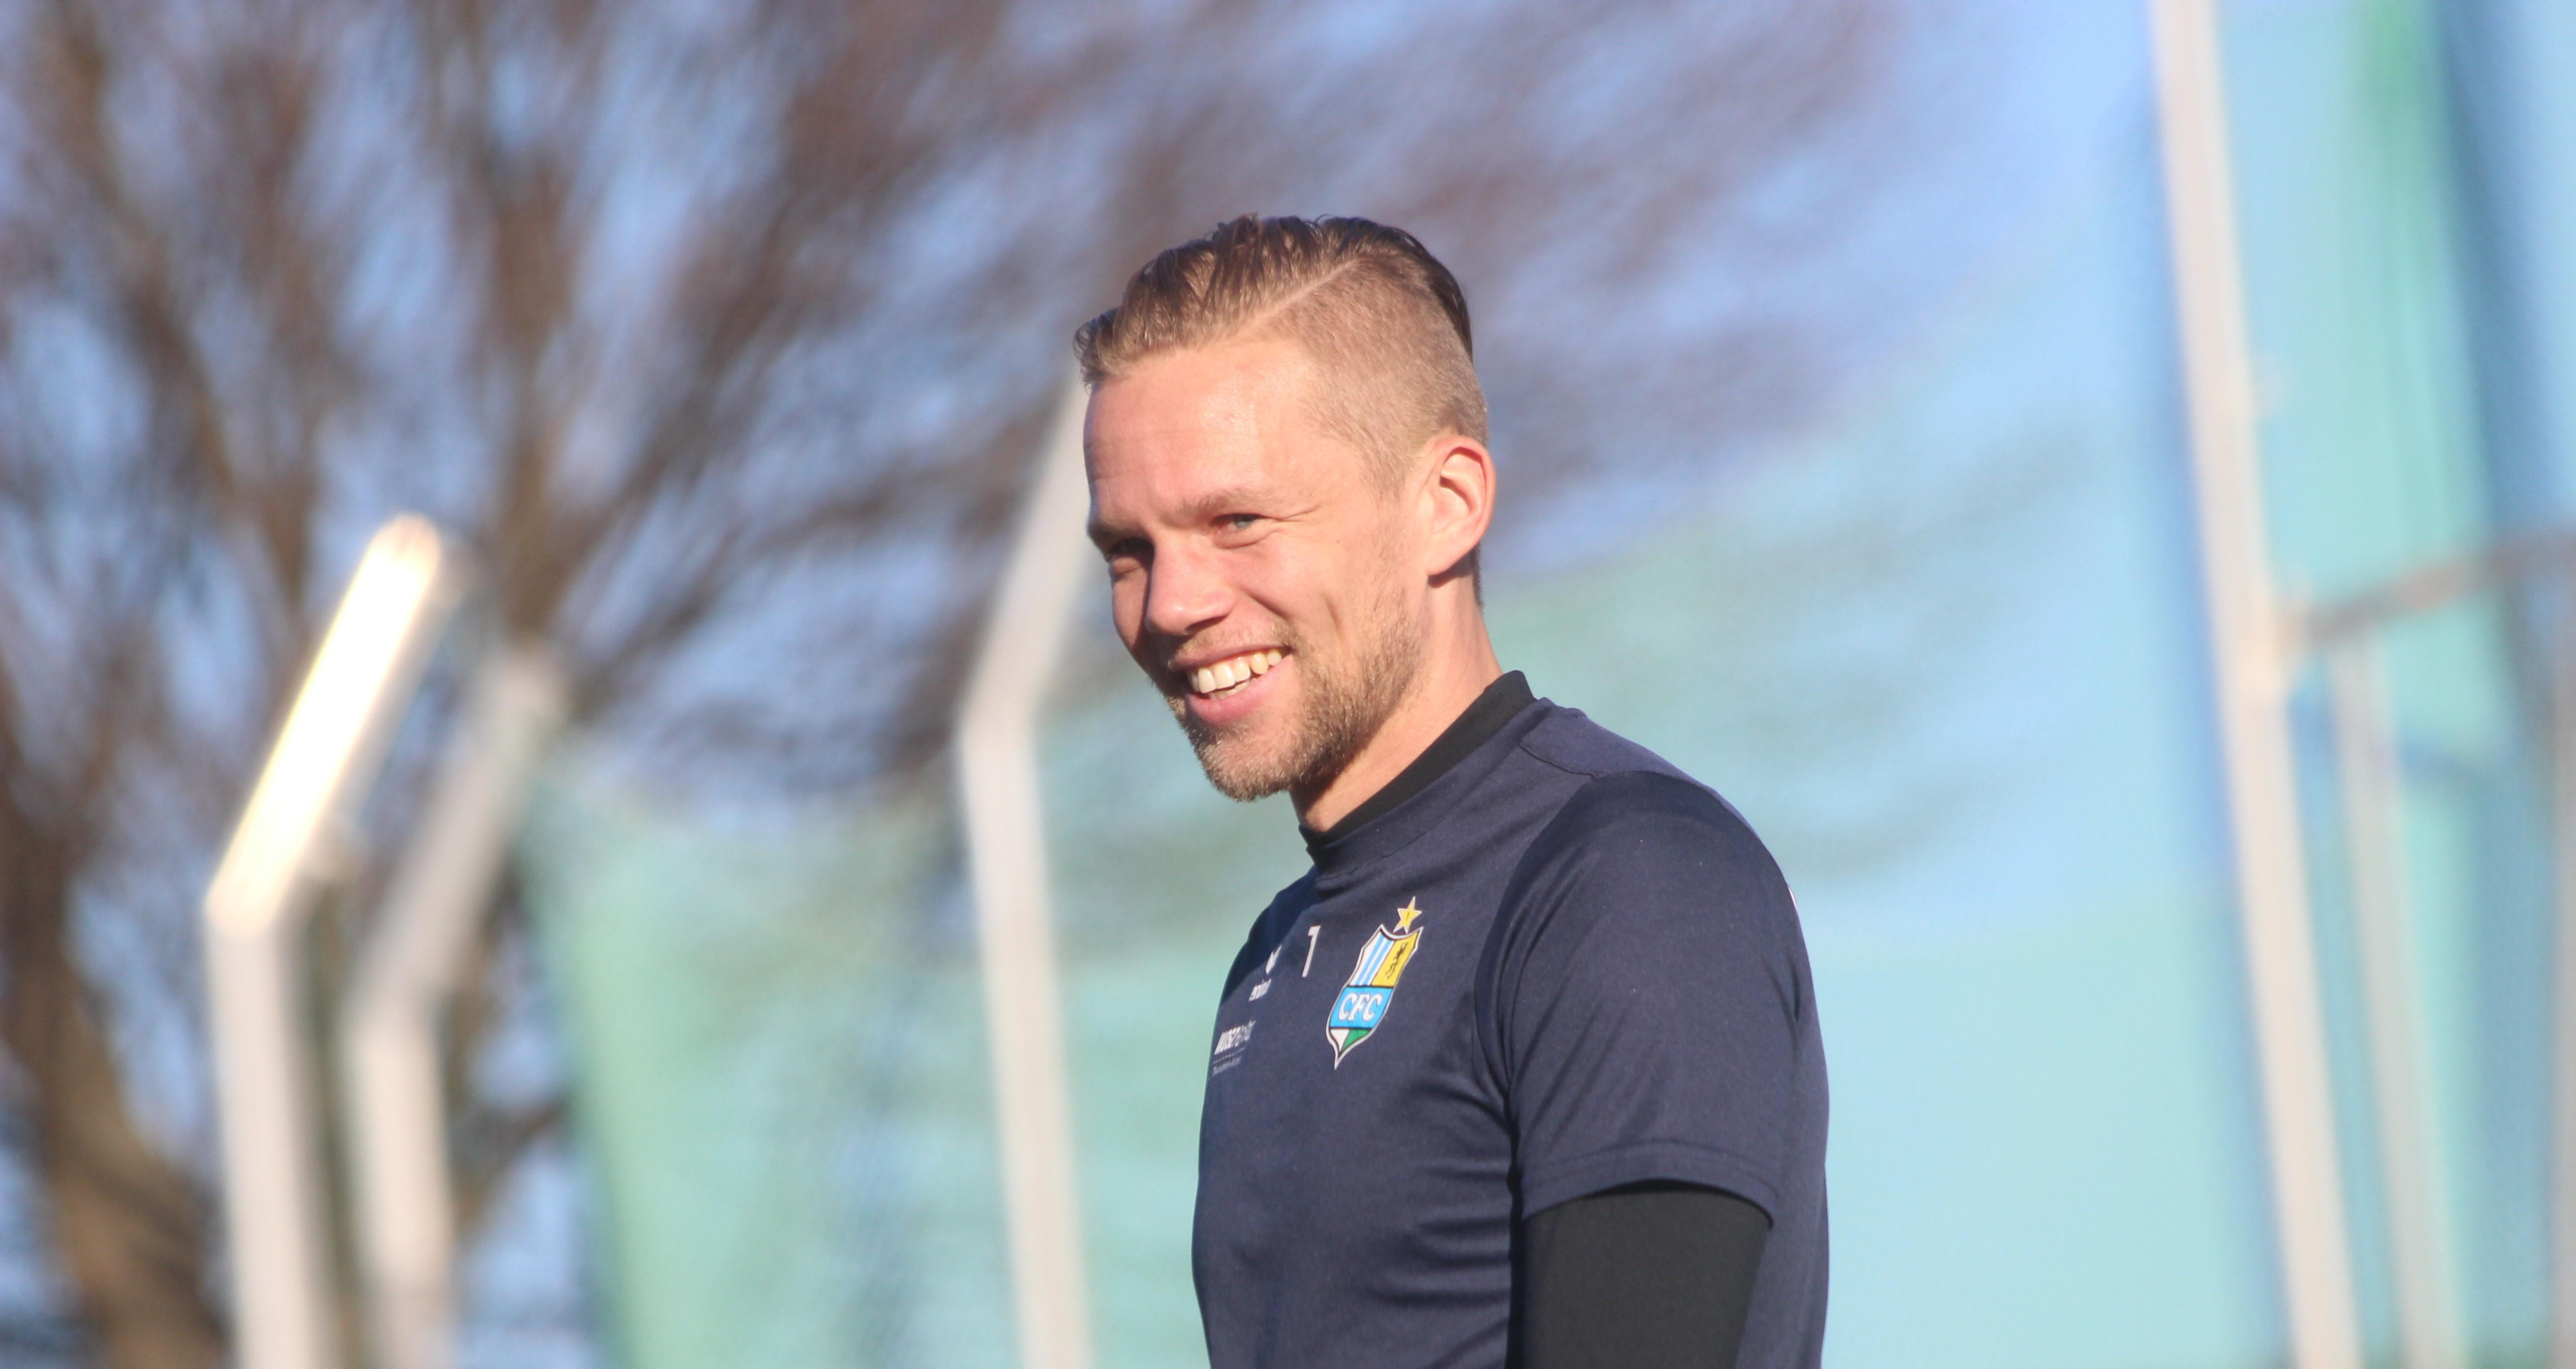 Dennis Grote trägt in der nächsten Saison das RWE-Trikot. (Foto: Chemnitzer FC)